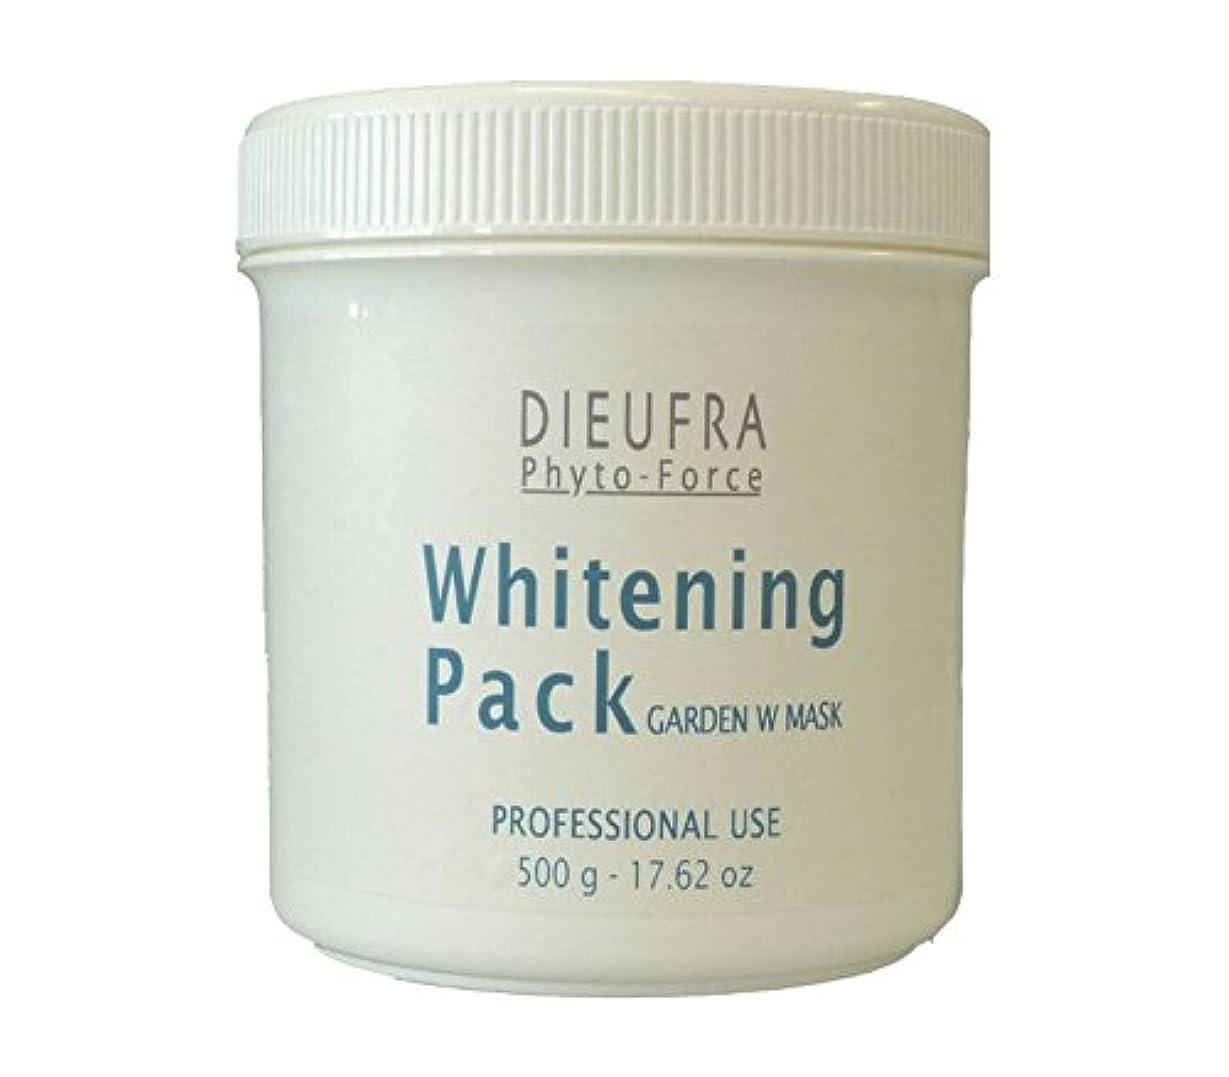 変える水銀の八百屋デュフラ フィトフォース ホワイトニングパック 500g